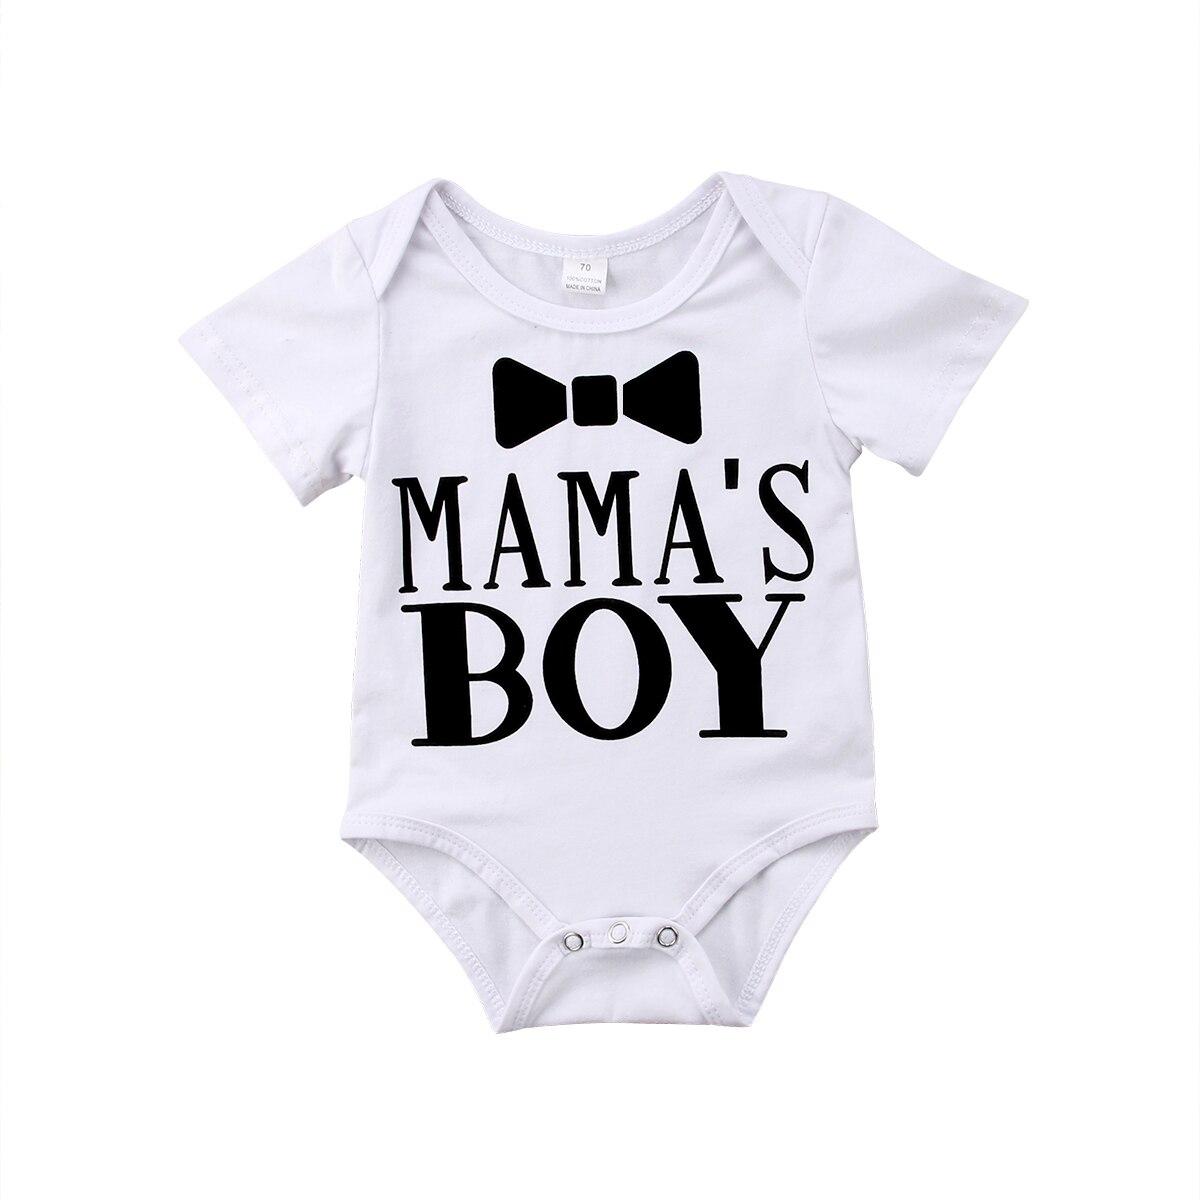 Pudcoco/Новинка 2018 года; комбинезон для новорожденных мальчиков; хлопковый комбинезон с принтом для маленьких мальчиков; костюмы для мальчиков